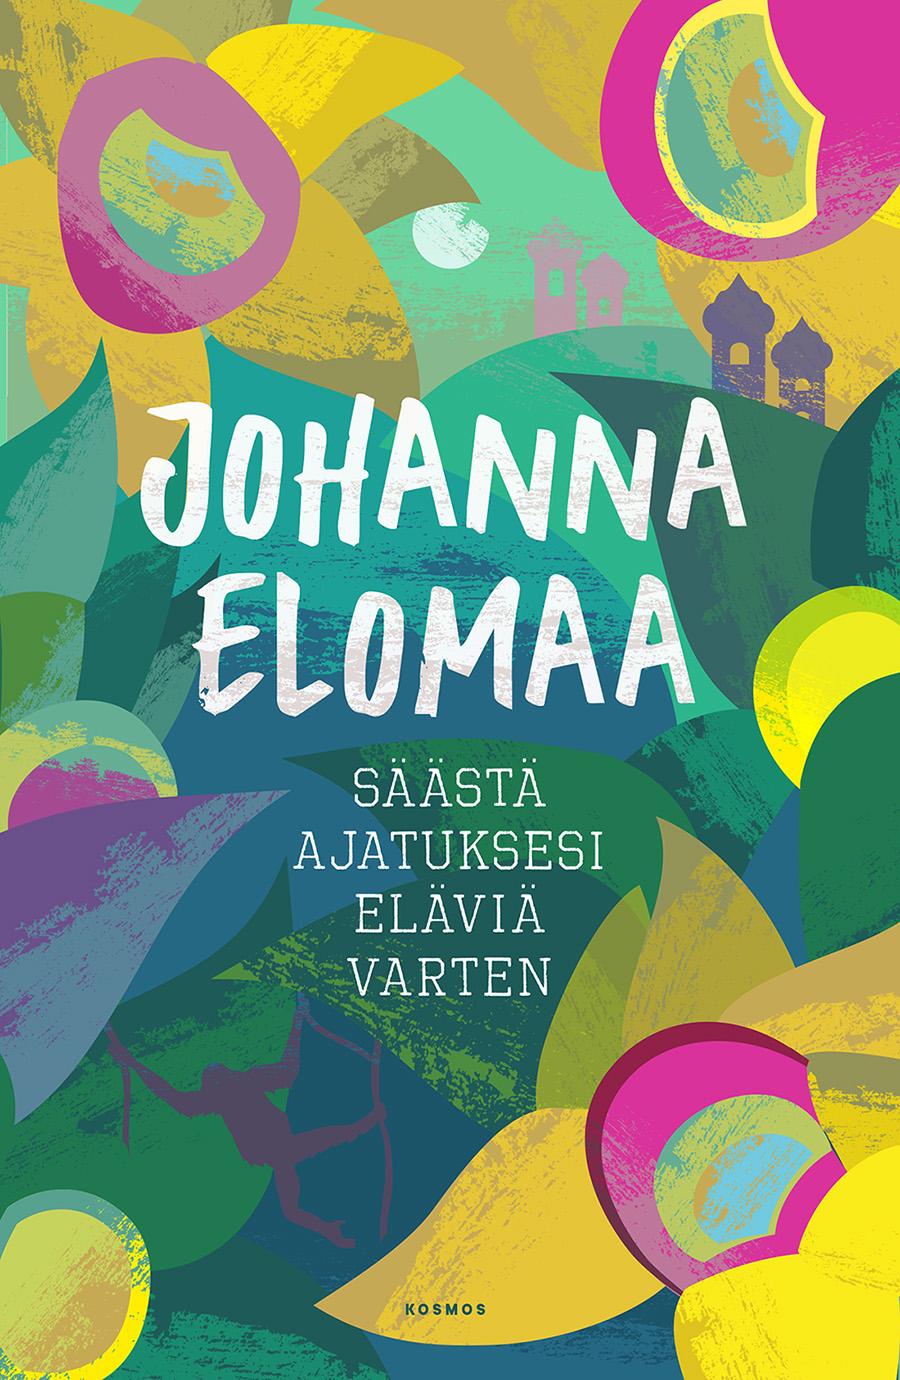 Johanna Elomaa :  Säästä ajatuksesi eläviä varten  (ilm. 05.09.2016)  Eräänä päivänä toimittaja  Johanna Elomaan  elämä pysähtyi puhelinsoittoon. Hänen veljensä oli kuollut Vietnamissa. Kuolema ei tullut yllätyksenä. Veli oli jo vuosikausia ollut pahenevassa huumekierteessä. Mutta kuolema vei Elomaan kysymään mistä elämässä itse asiassa on kysymys. Ja pian myös hänen parisuhteensa taiteilijan kanssa oli päättynyt ja hyvä työ suuressa mediatalossa tuntui yksinomaan absurdilta.Elomaa päätti jättää kaiken ja lähteä Aasiaan, jossa hän muun muassa työskenteli orankien kuntoutuskeskuksessa Borneolla. Hän kirjoitti kokemuksistaan kirjan, joka on silmiä avaava, hillittömän hauska ja riipaisevan surullinen matka siihen, mikä elämässä itse asiassa on tärkeää.   Johanna Elomaa on helsinkiläinen toimittaja, joka on työskennellyt laajalti eri medioissa, viimeksi MTV3:n viihdetoimituksessa esimiehenä.